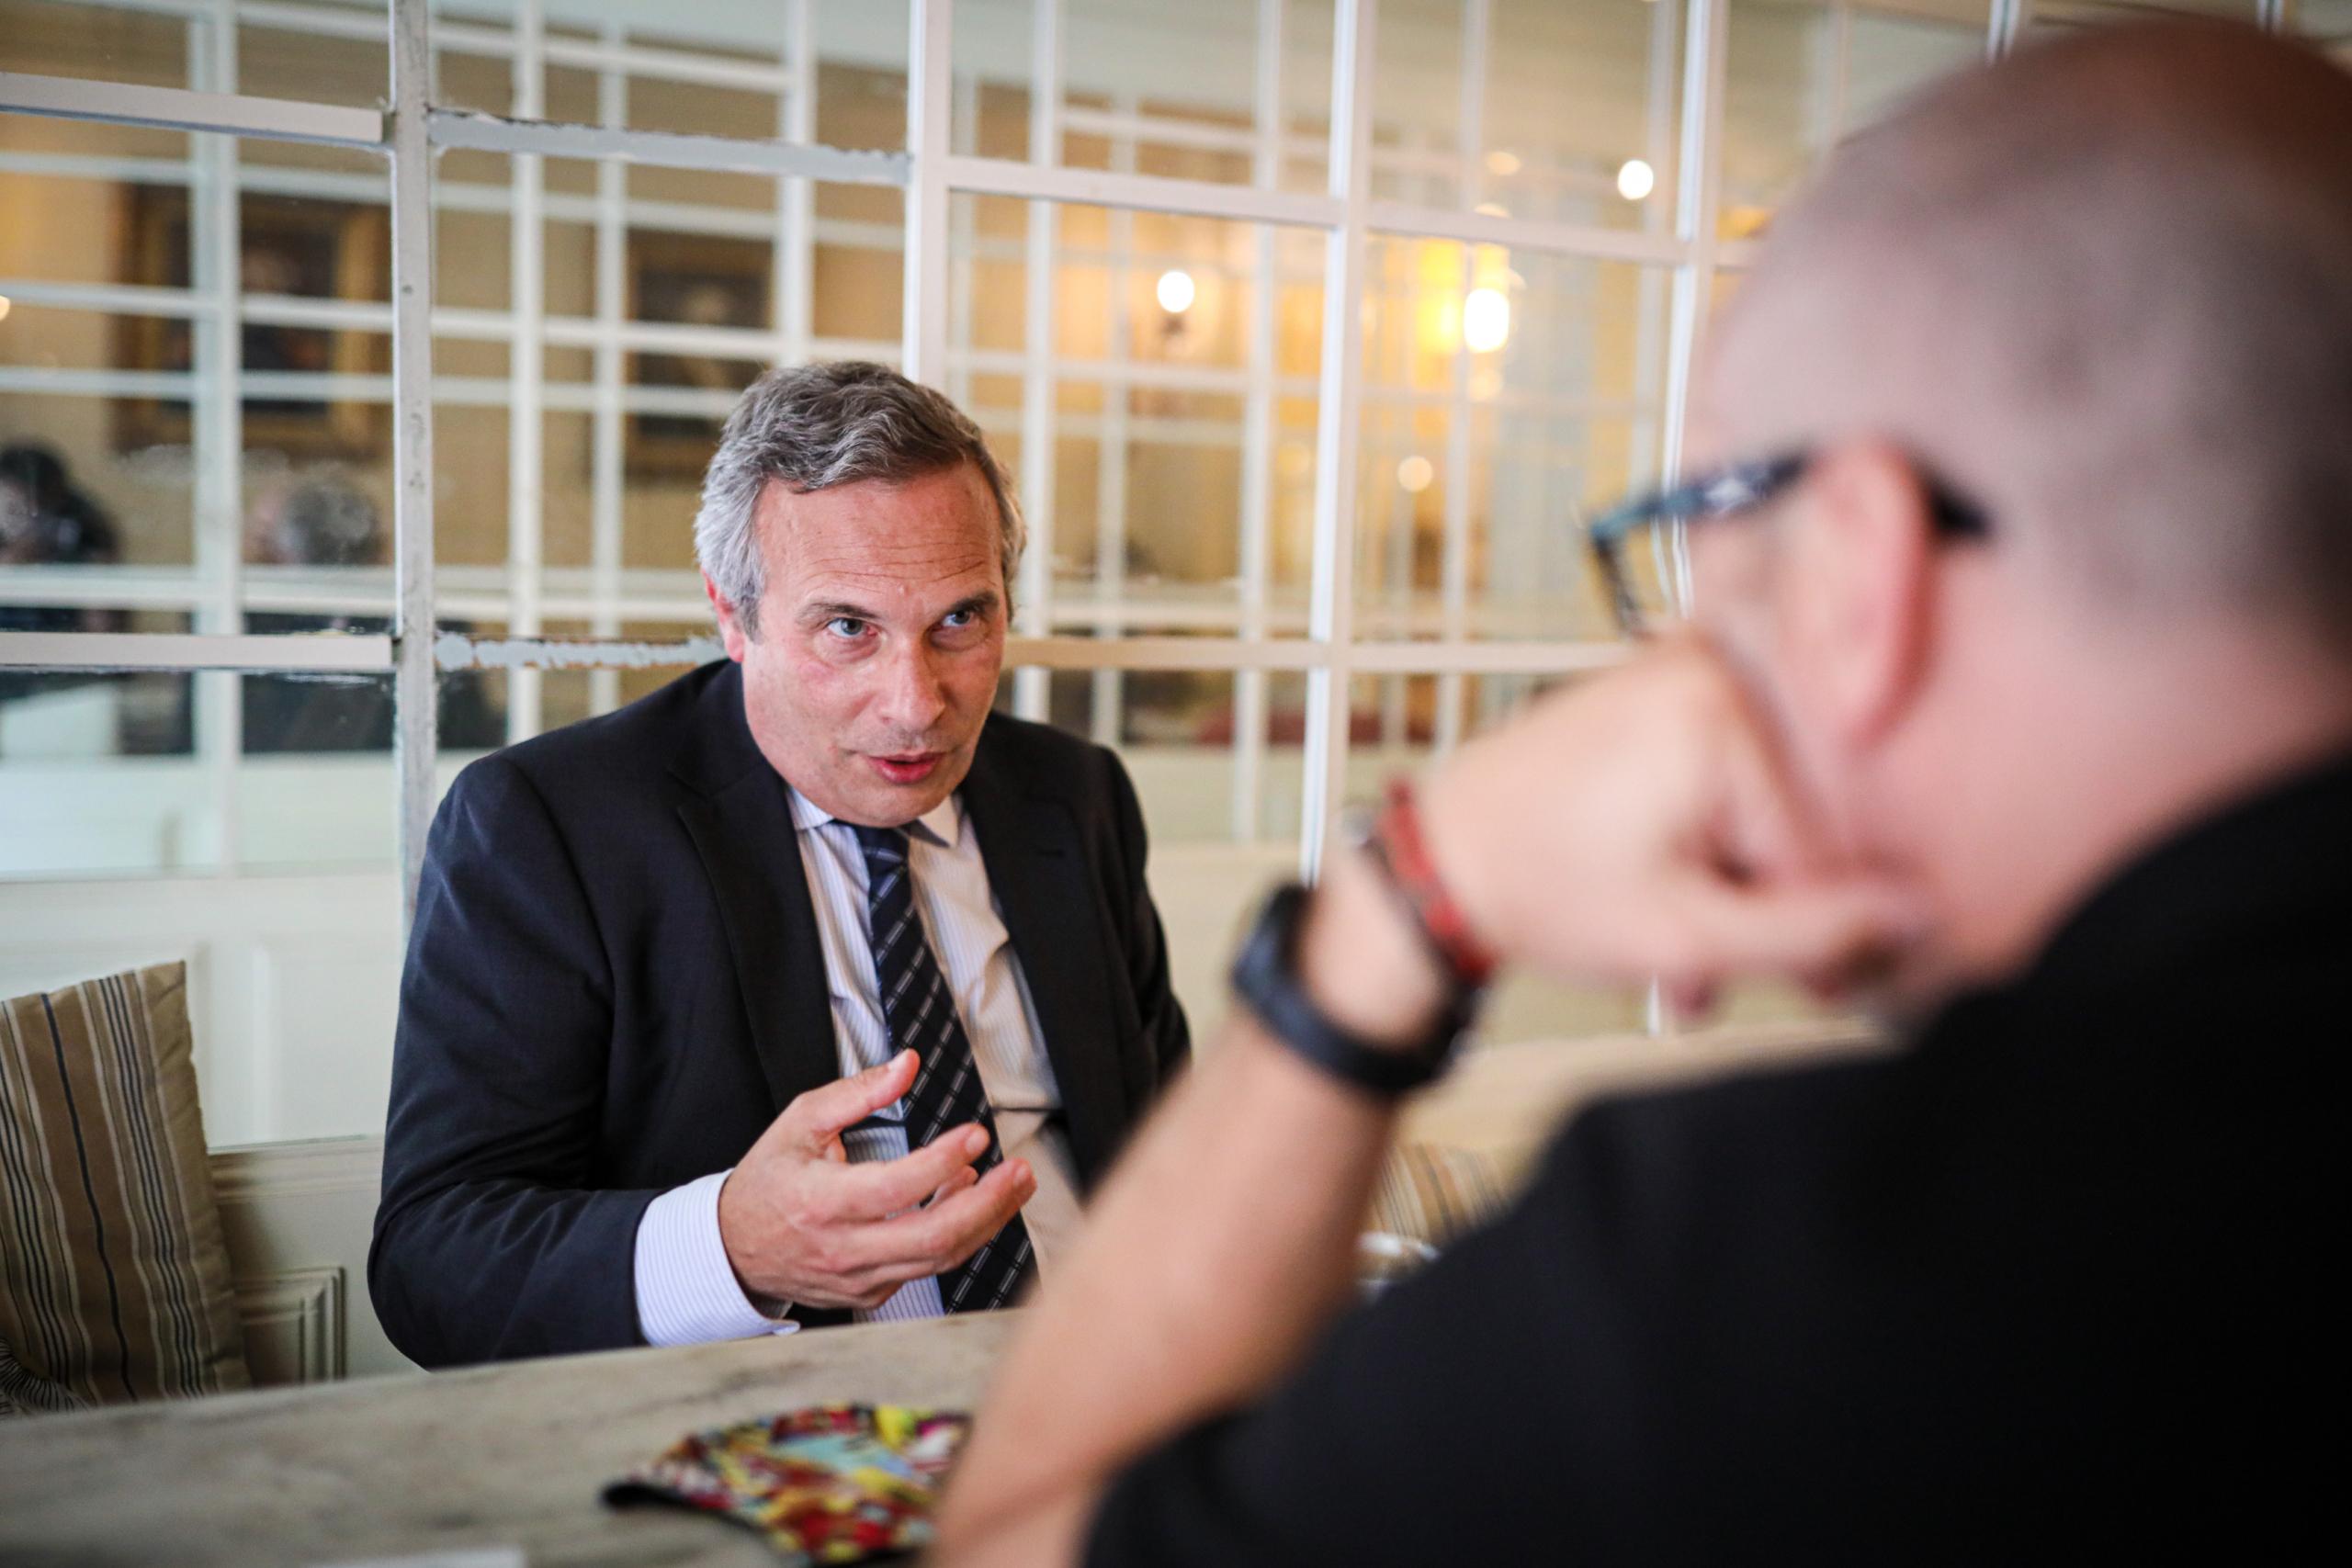 Josep Lluís Alay, cap de l'oficina del president a l'exili, Carles Puigdemont, durant l'entrevista amb El Món / Jordi Borràs